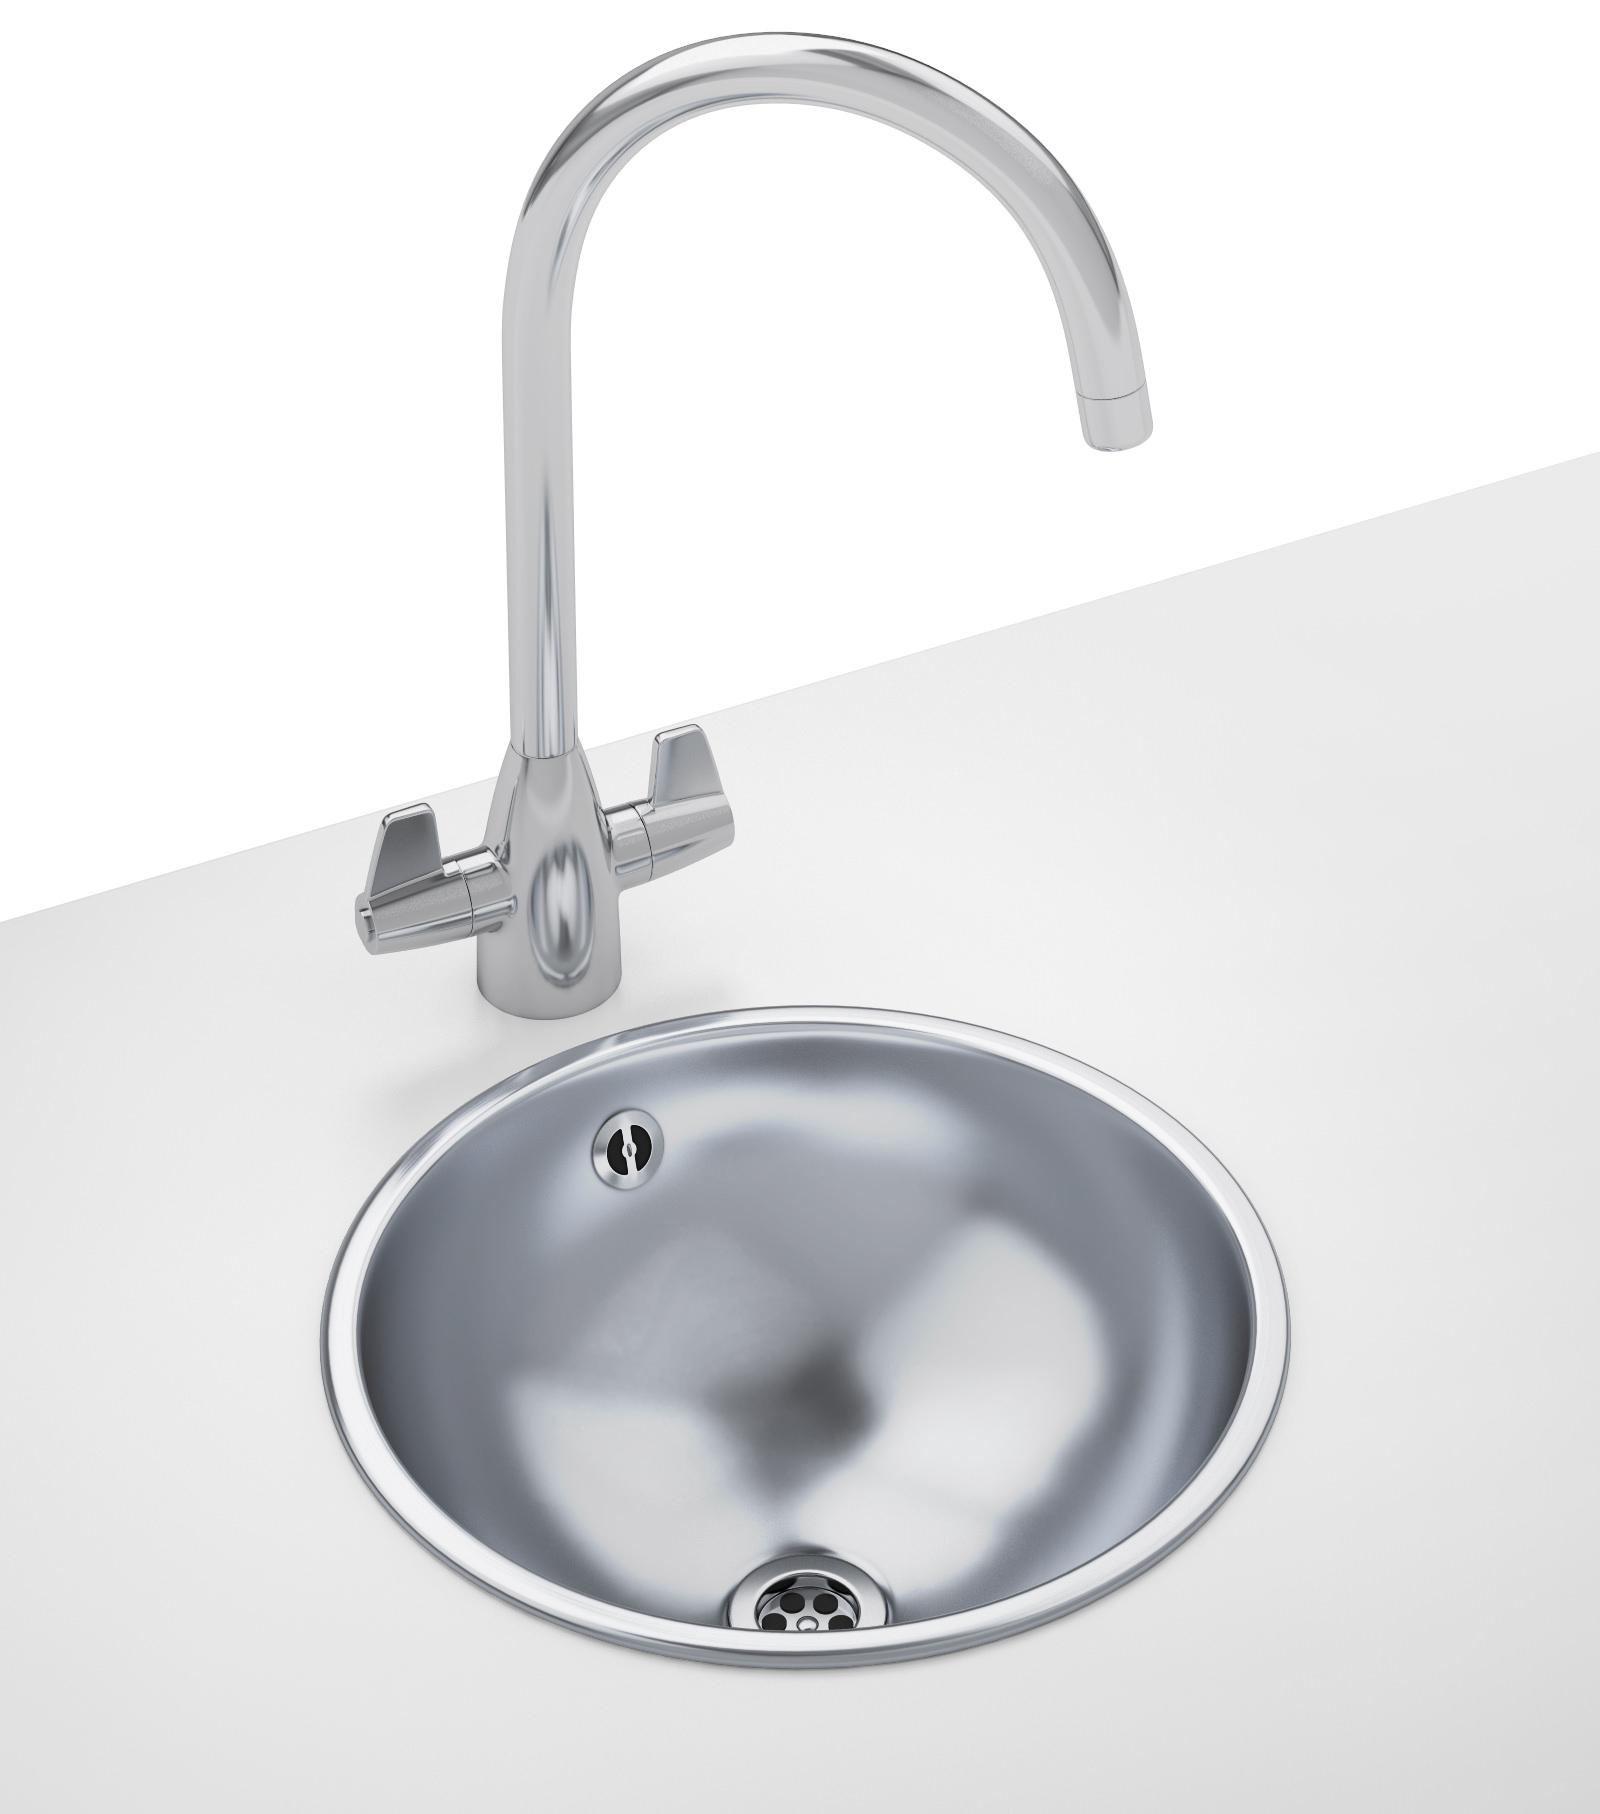 Franke rondo designer pack rnx 610 stainless steel sink for Designer kitchen sinks stainless steel